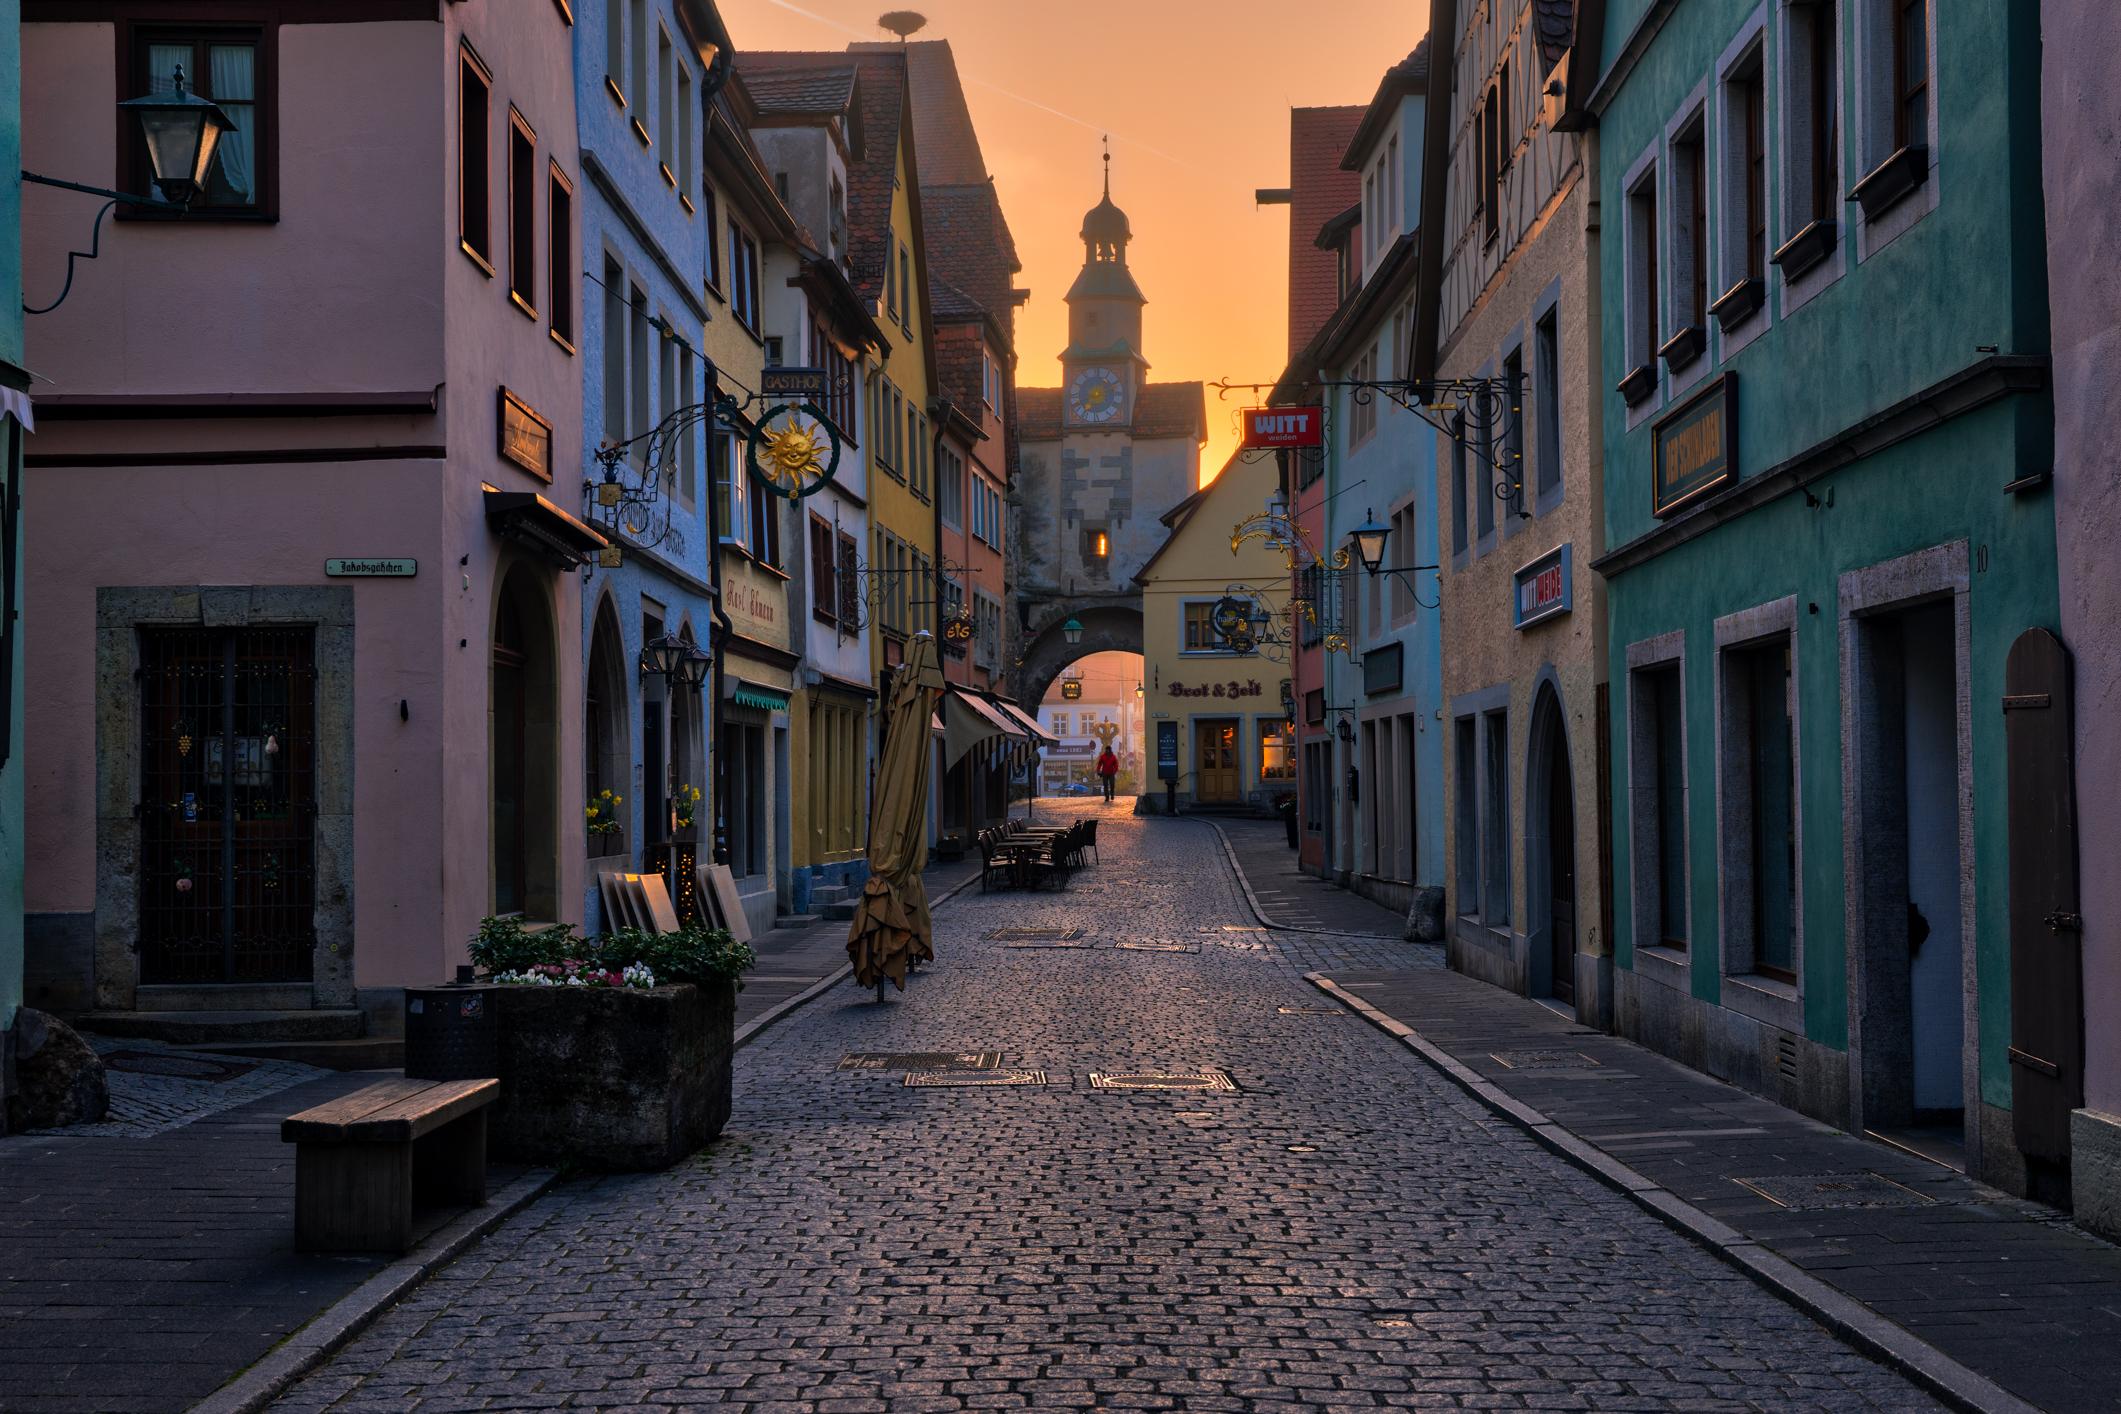 Germany-Rothenburg-street-scene-sunrise-HDR.jpg